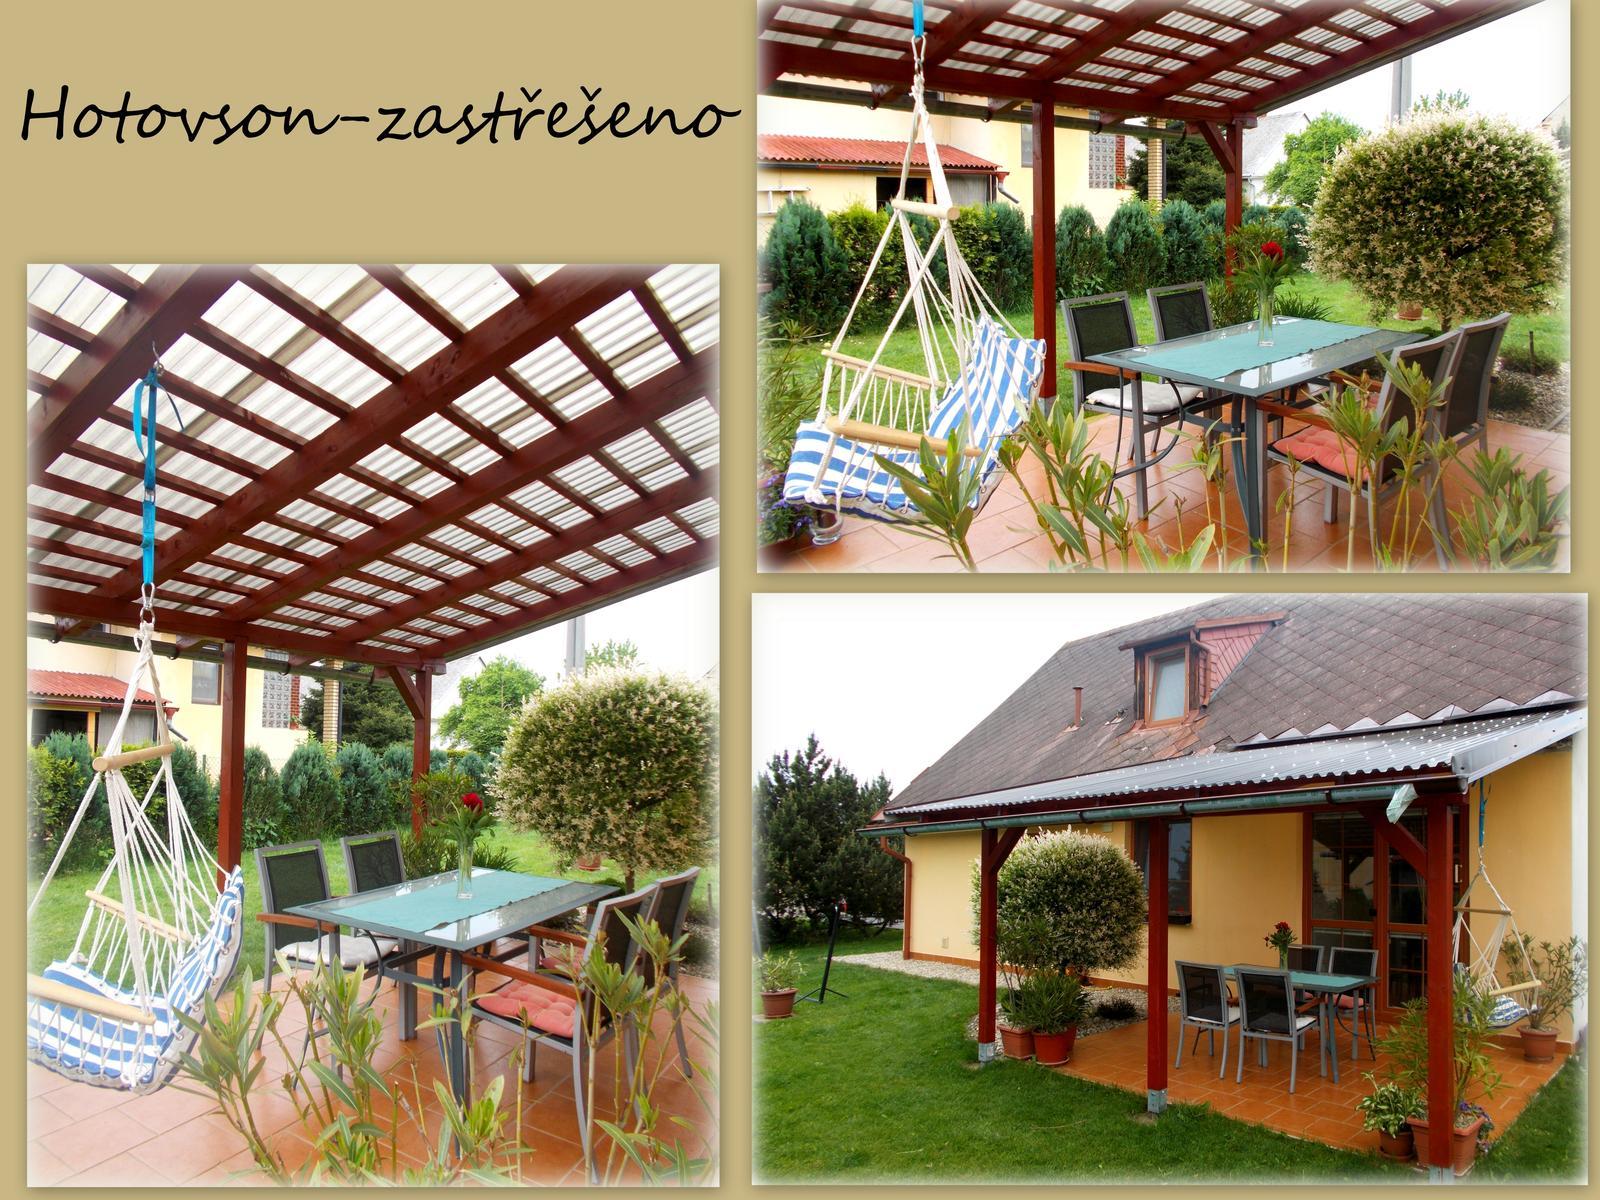 Pergola aneb velké přání,málo peněz :-) a nová střecha- za stejných podmínek :-) - Obrázek č. 12